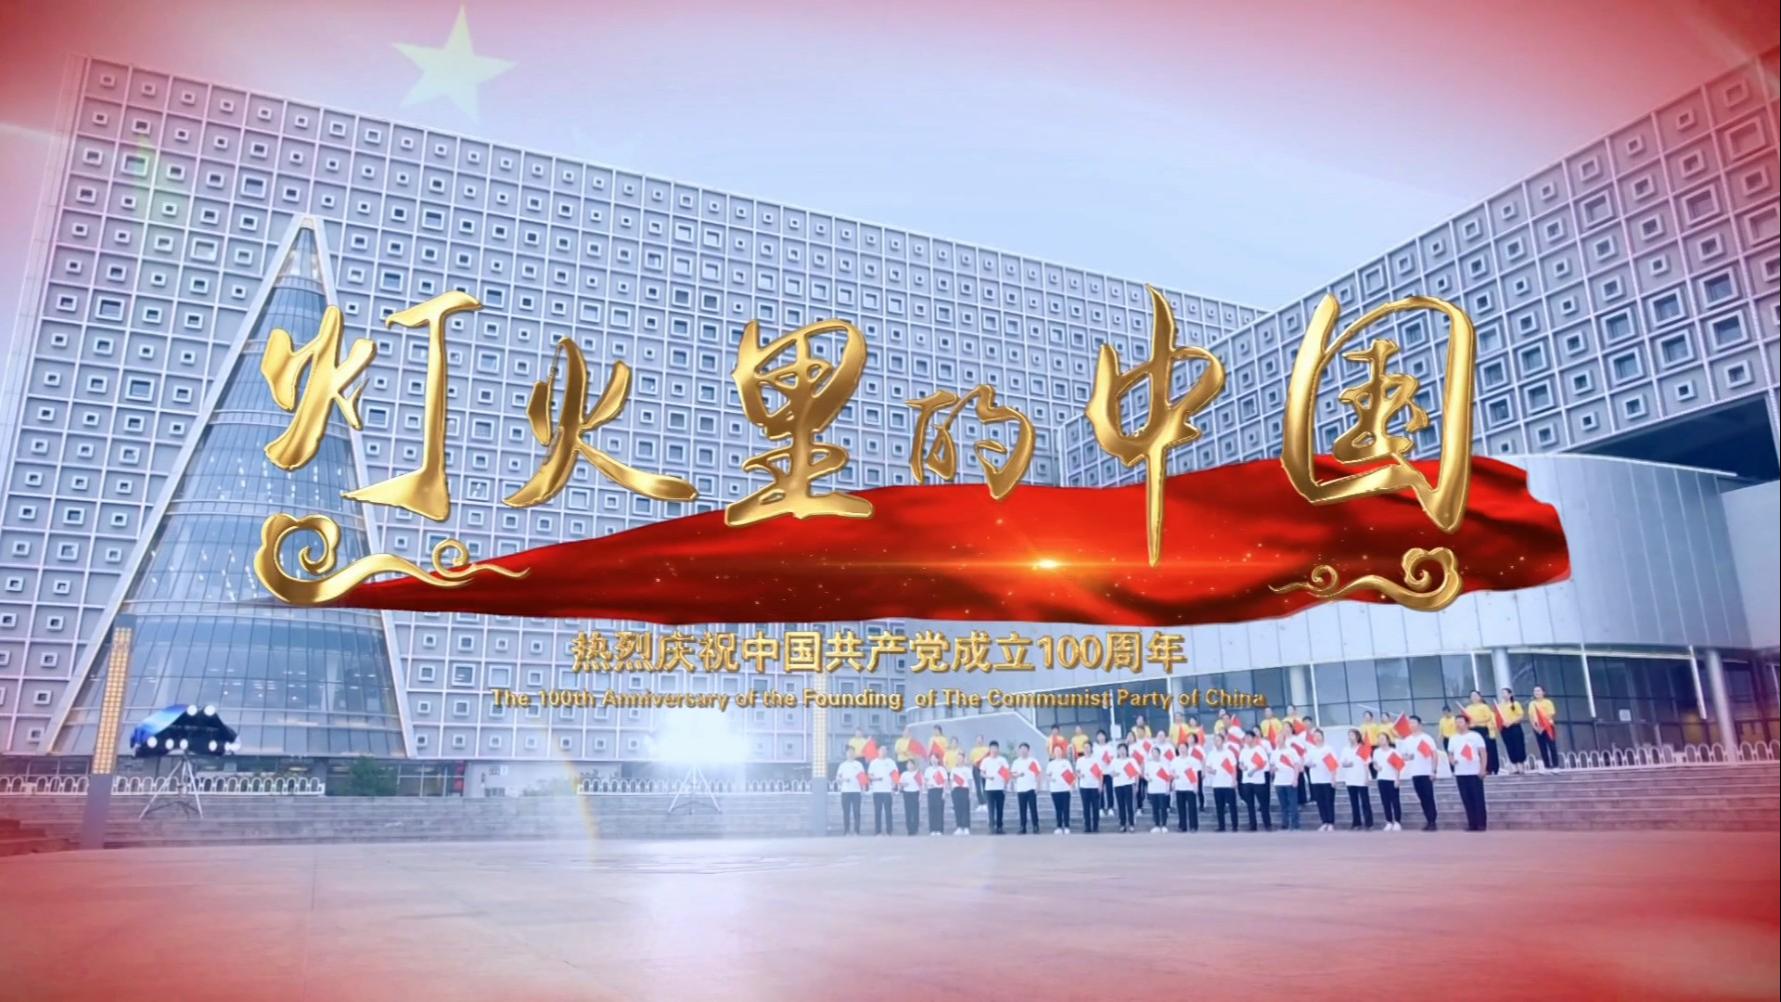 房山区文化活动中心—灯火里的中国